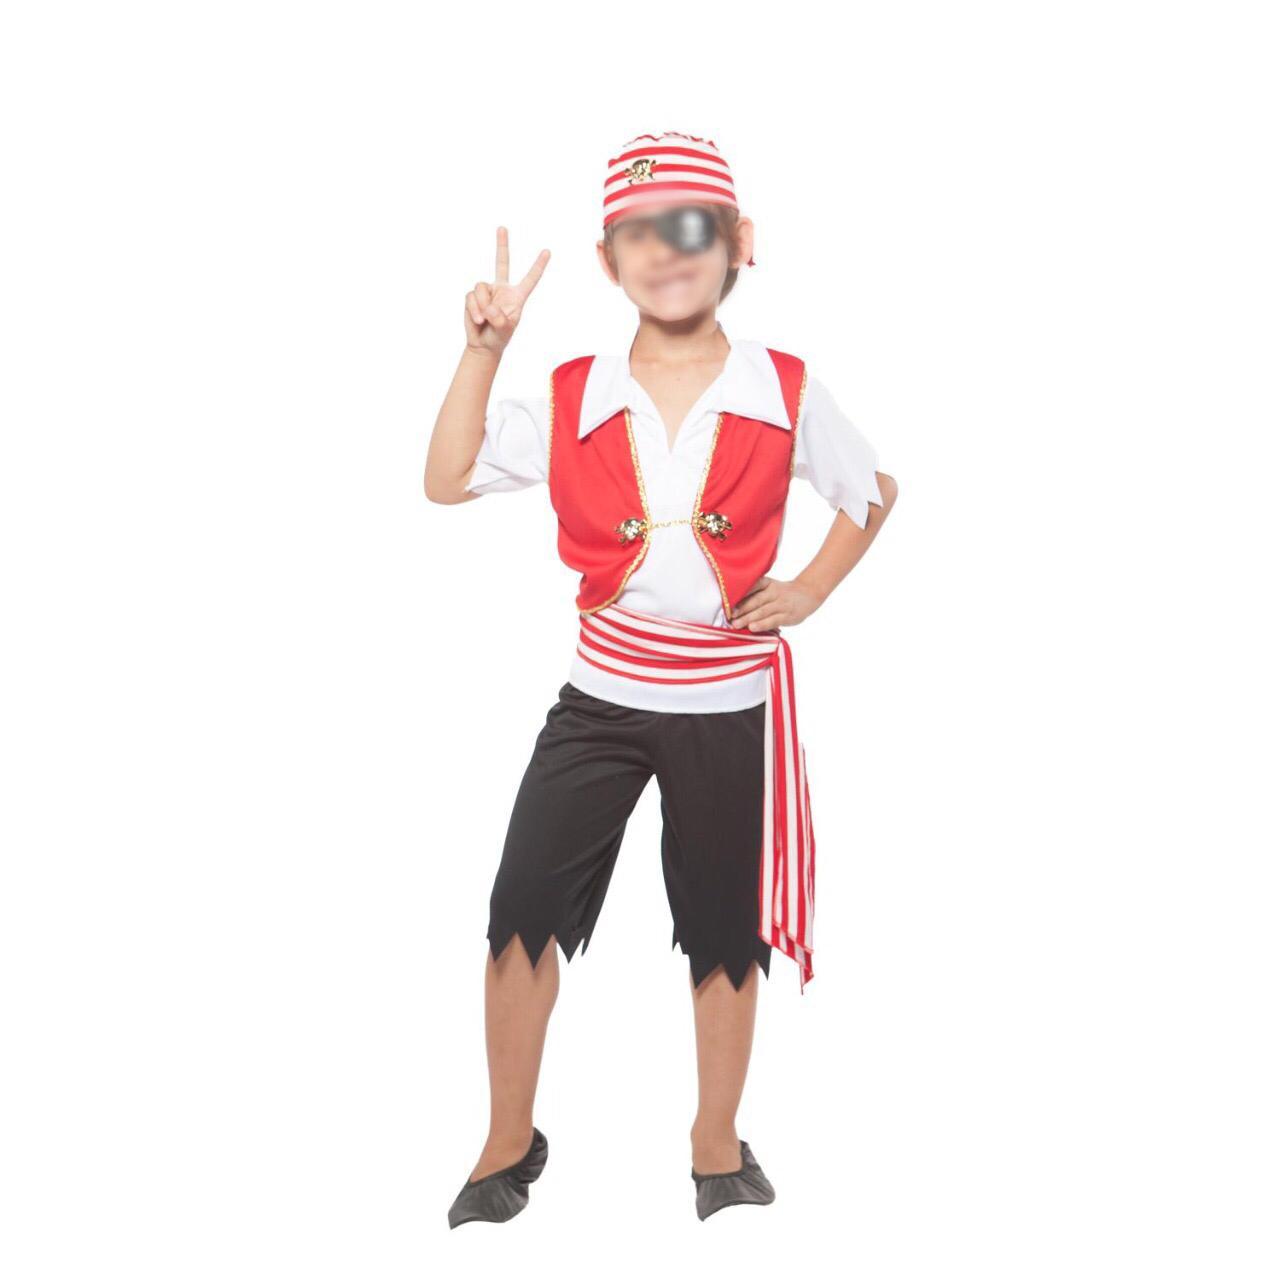 Fantasia Pirata Infantil Colete